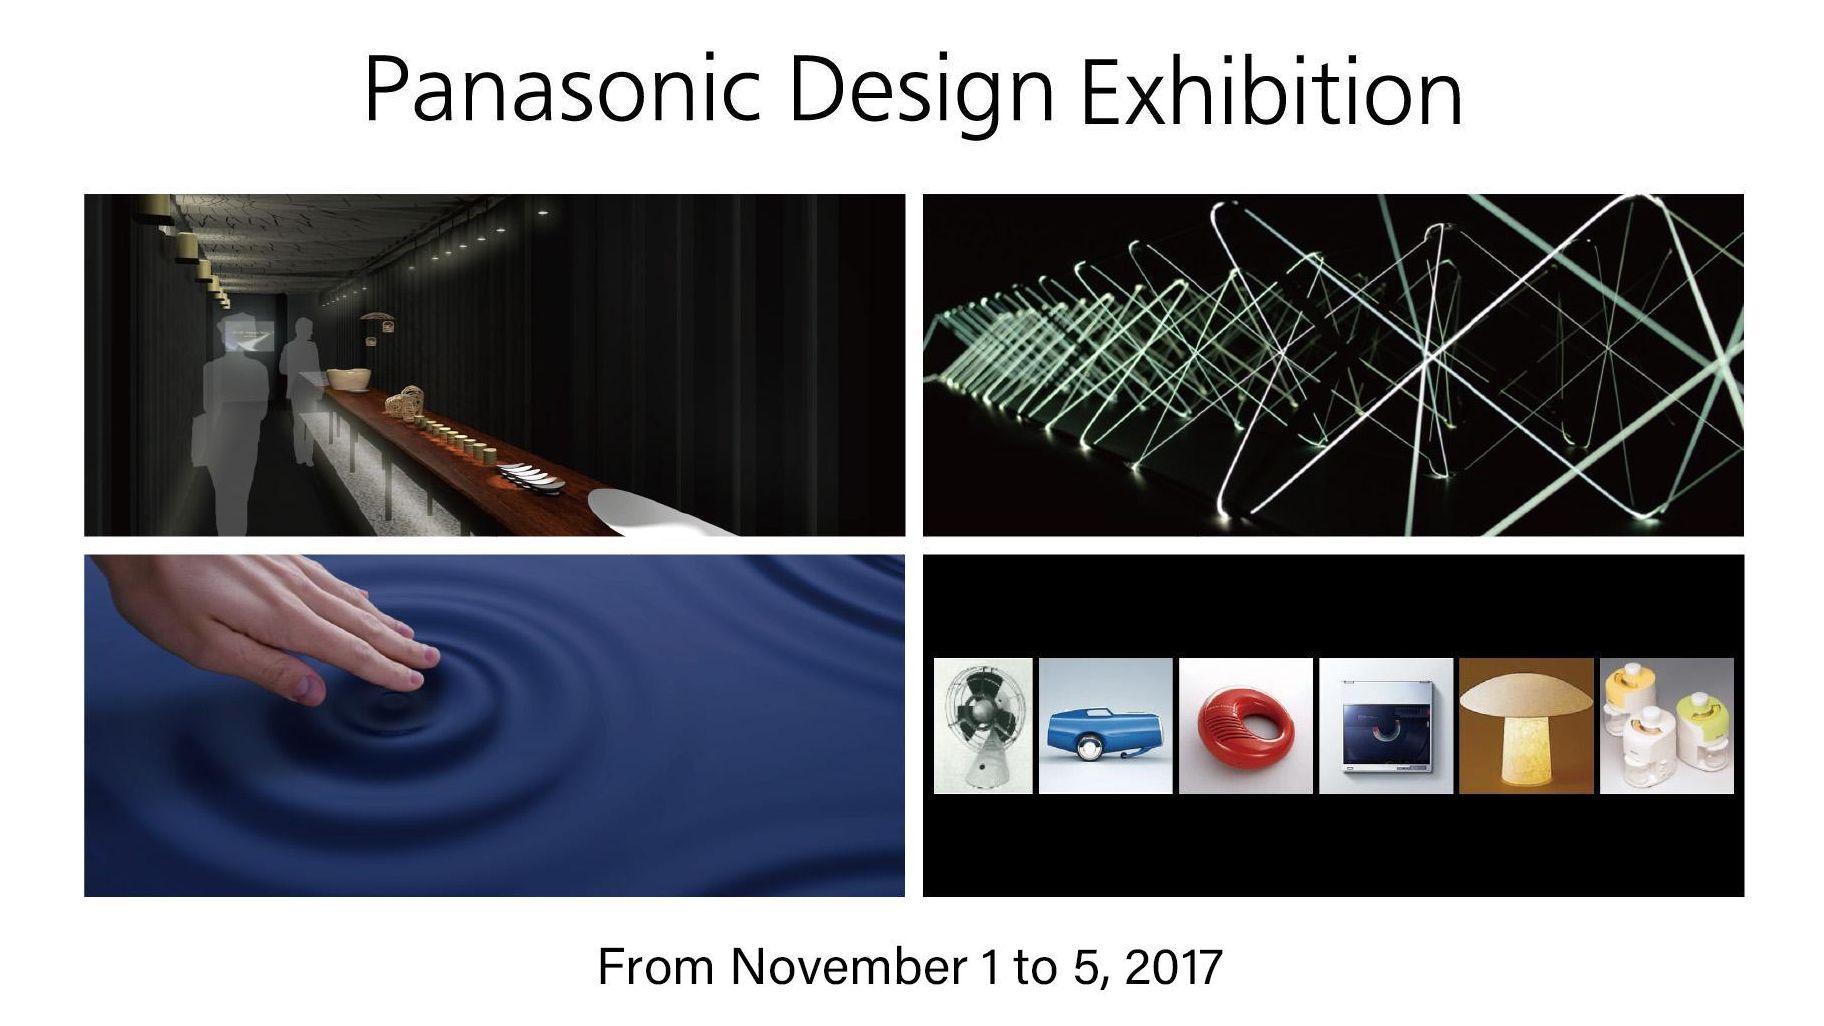 photo: Panasonic Design Exhibition